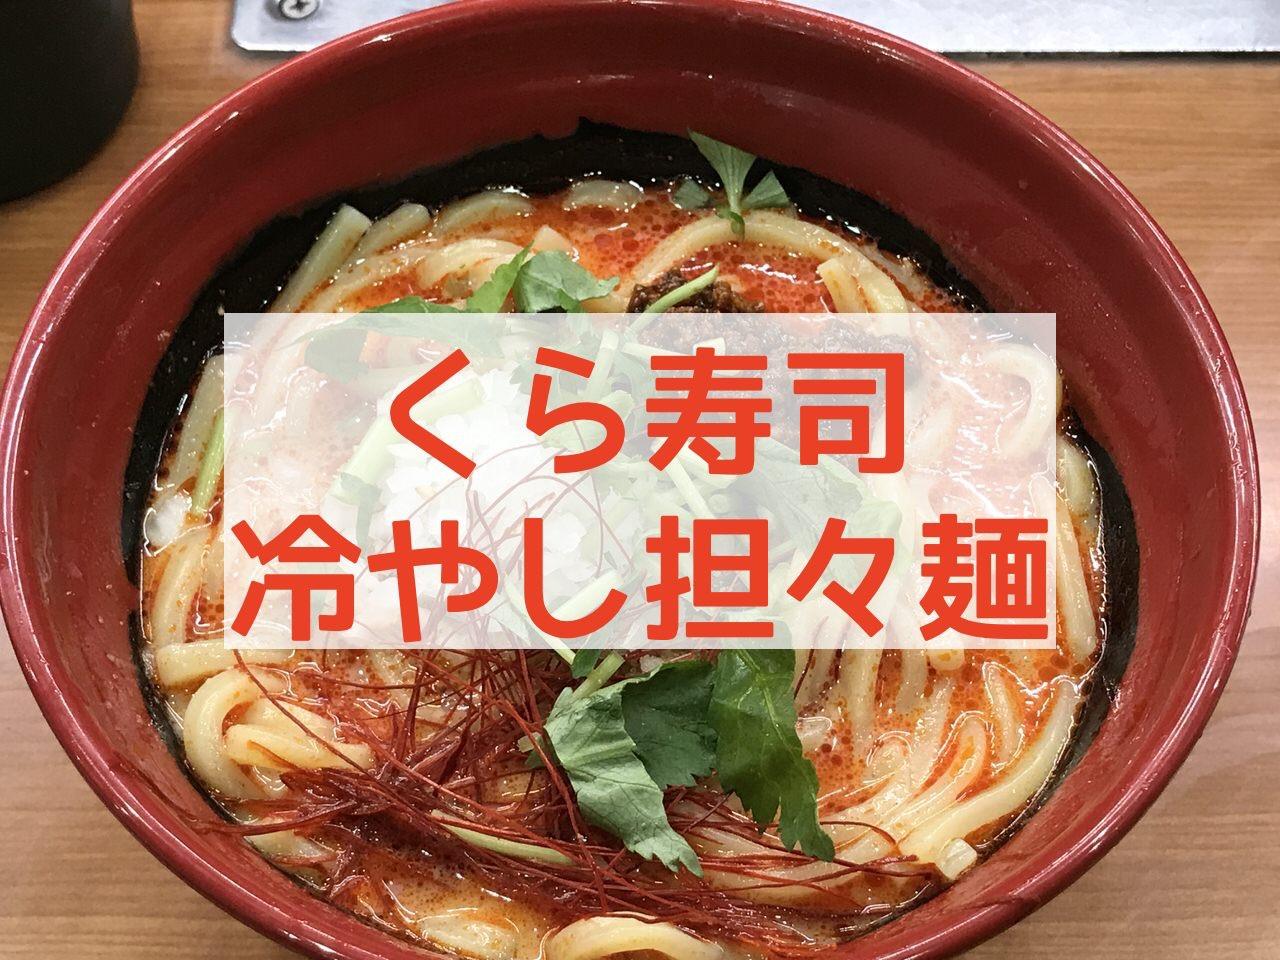 くら寿司の夏メニュー「冷やし担々麺」うまい?まずい?食べてみた!